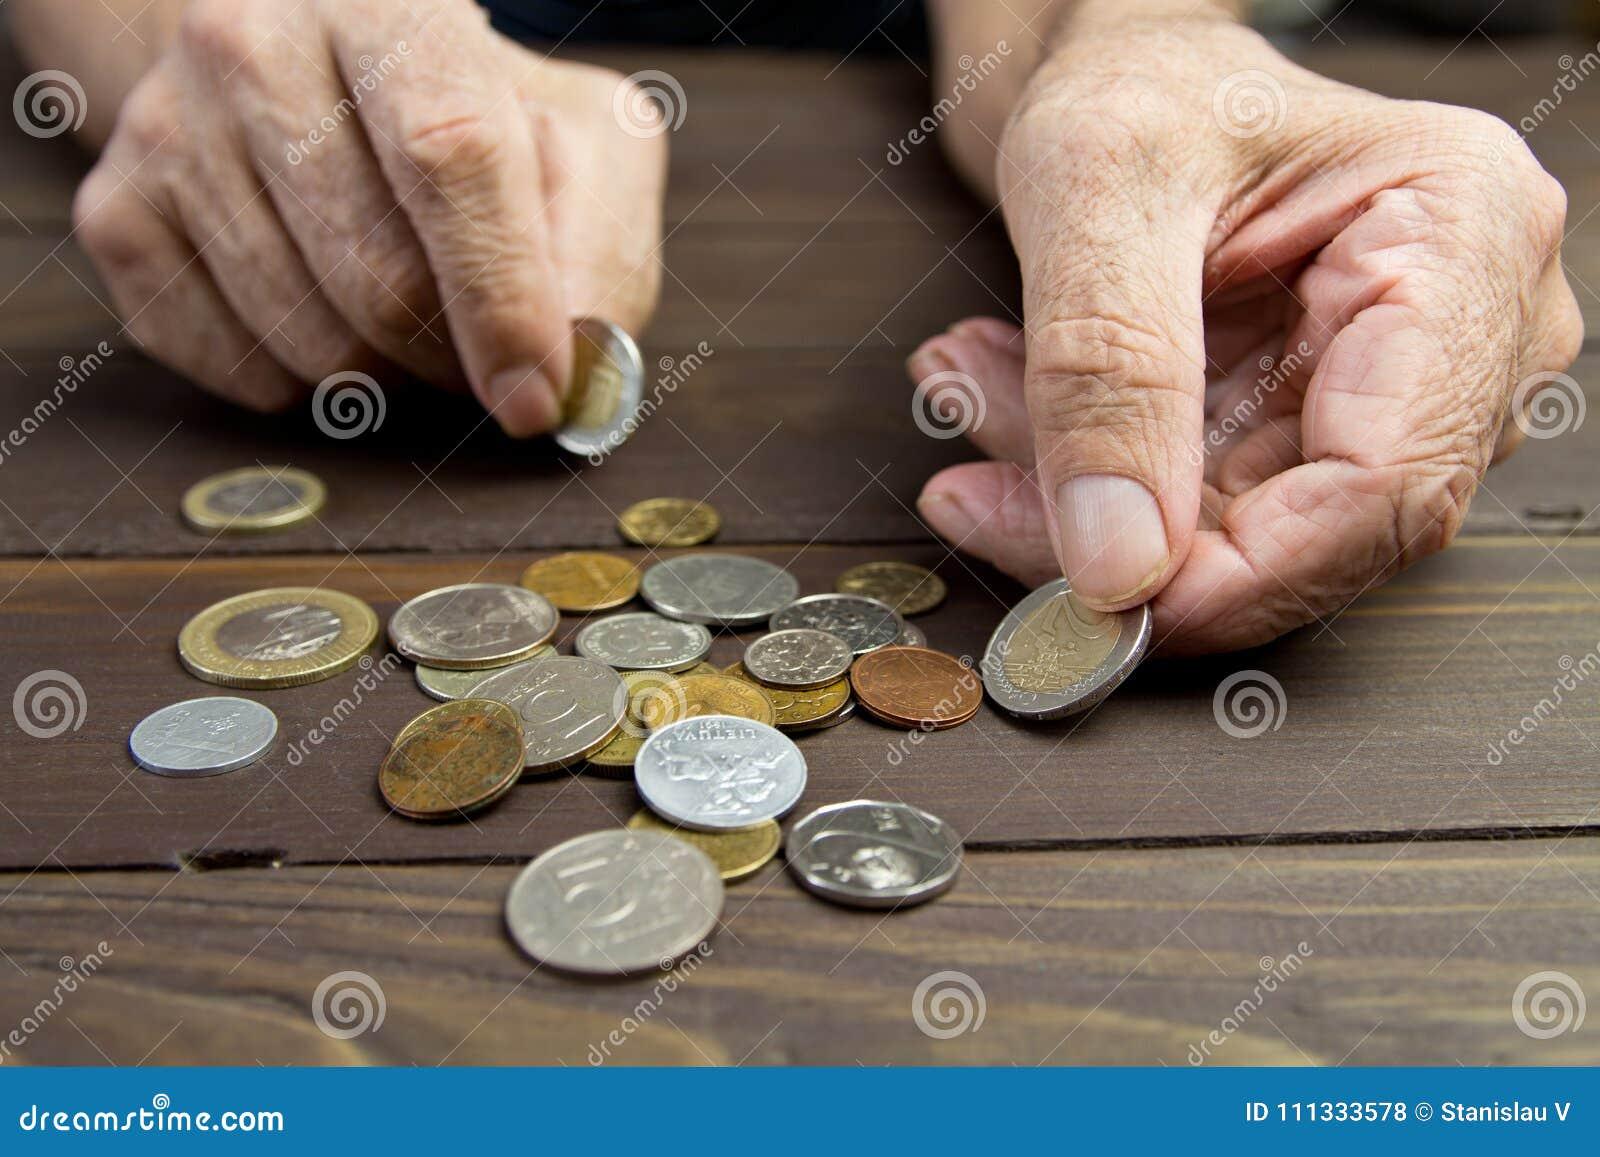 Een bejaarde persoon houdt muntstukken Handen van bedelaar met weinig muntstukken Het concept armoede